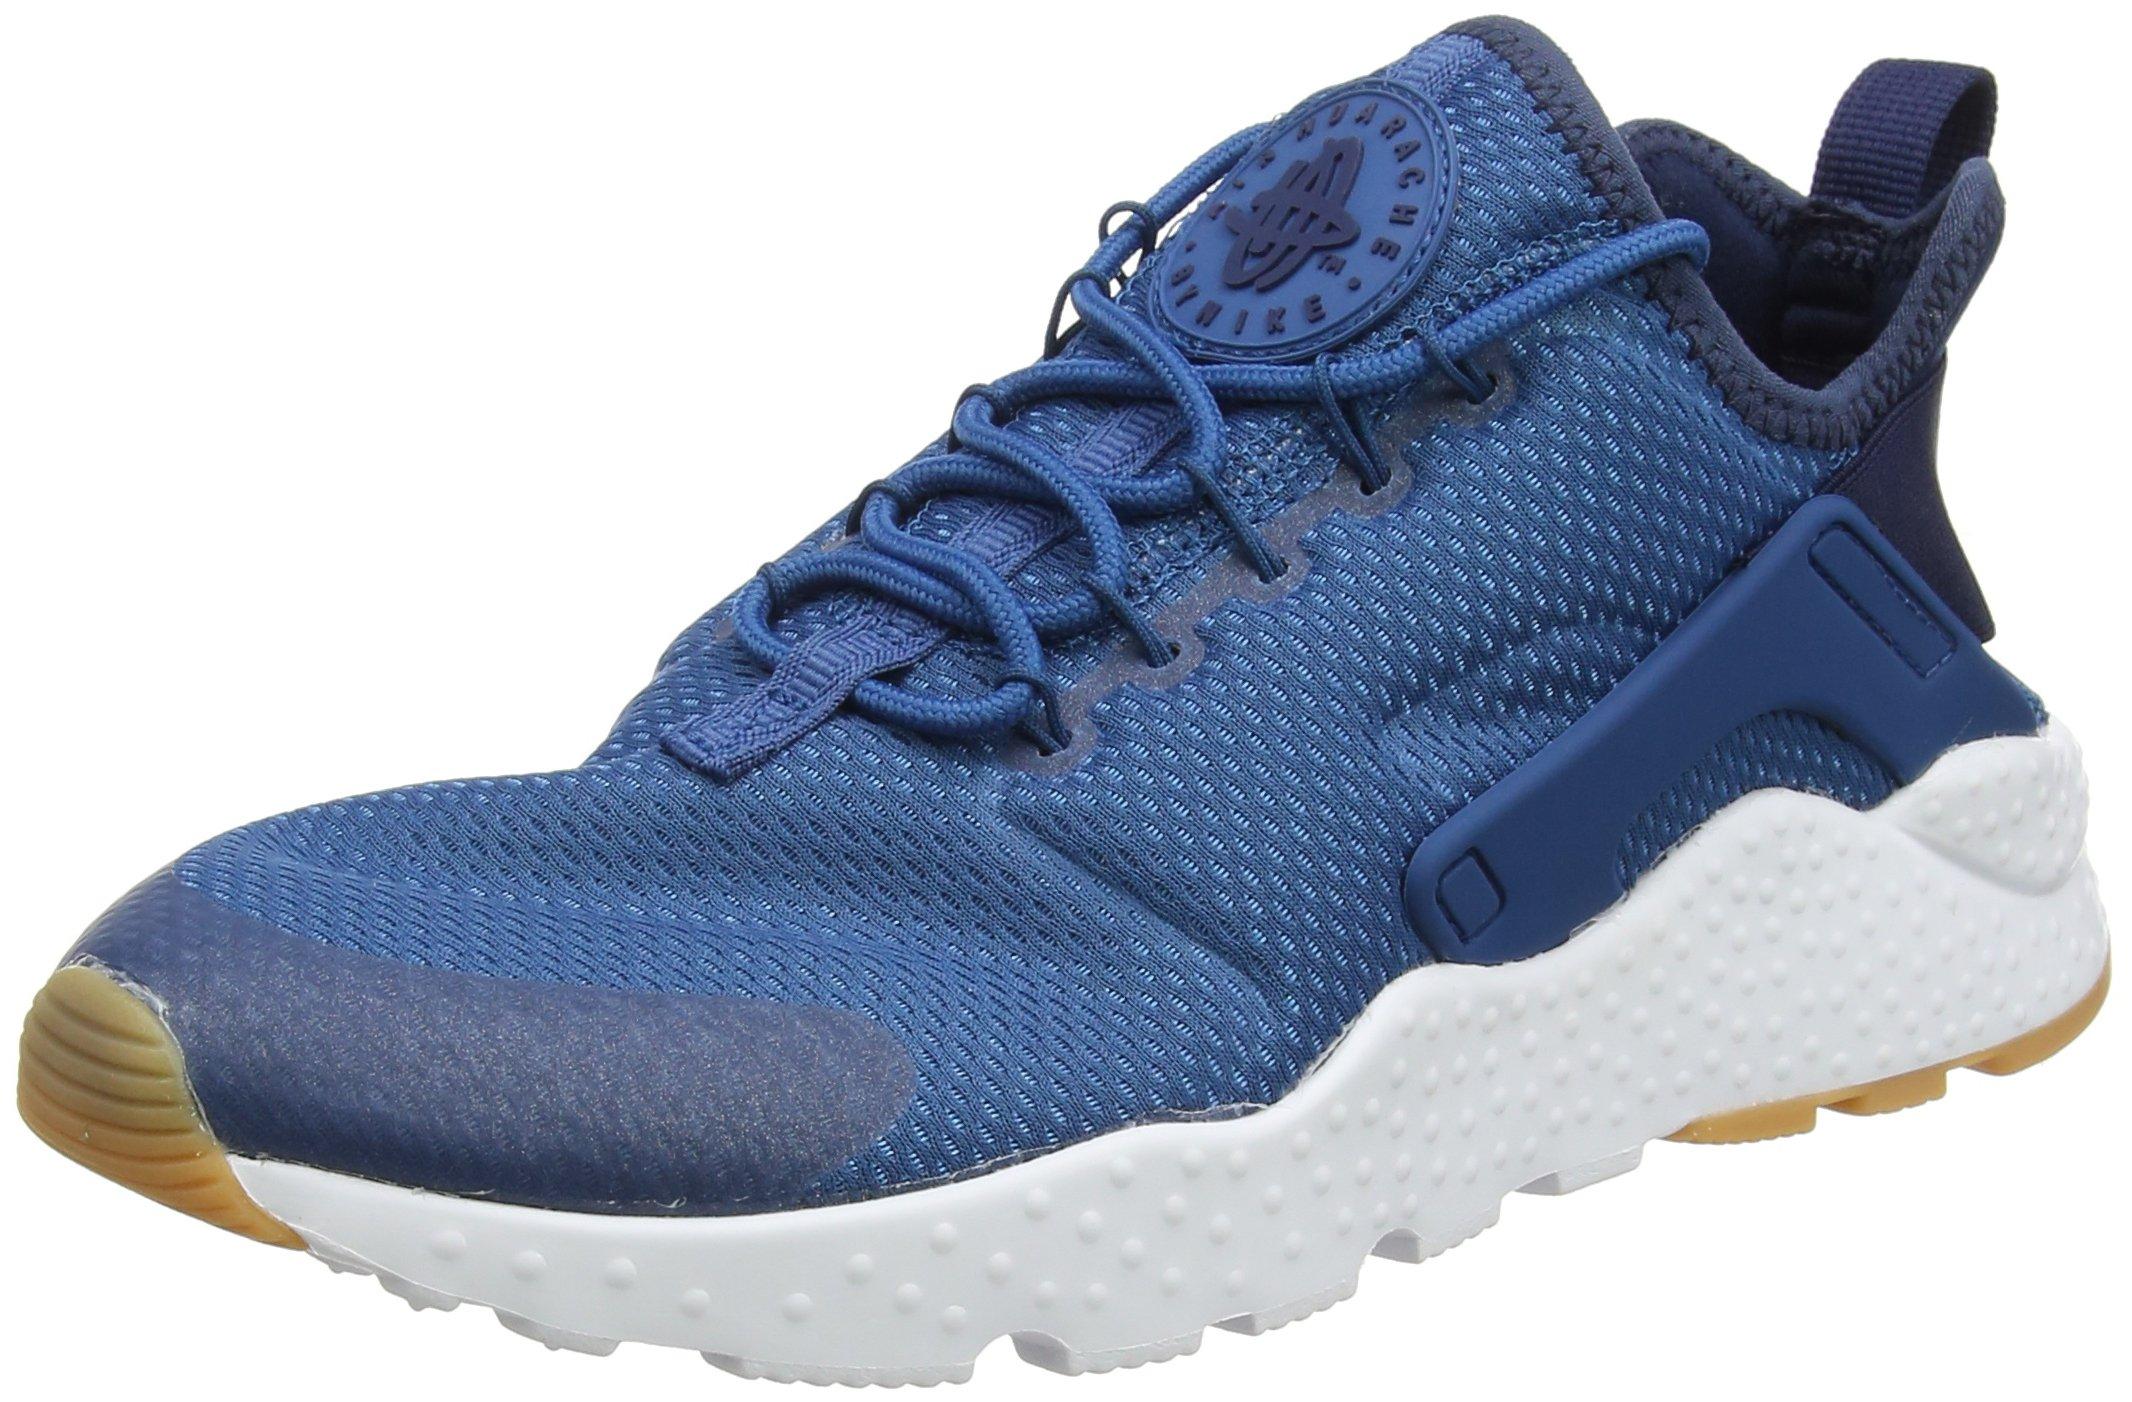 eb63a1944a09d Galleon - Nike Women s Air Huarache Run Ultra IndustrailBlue MidnightNavy  Running Shoe 7.5 Women US